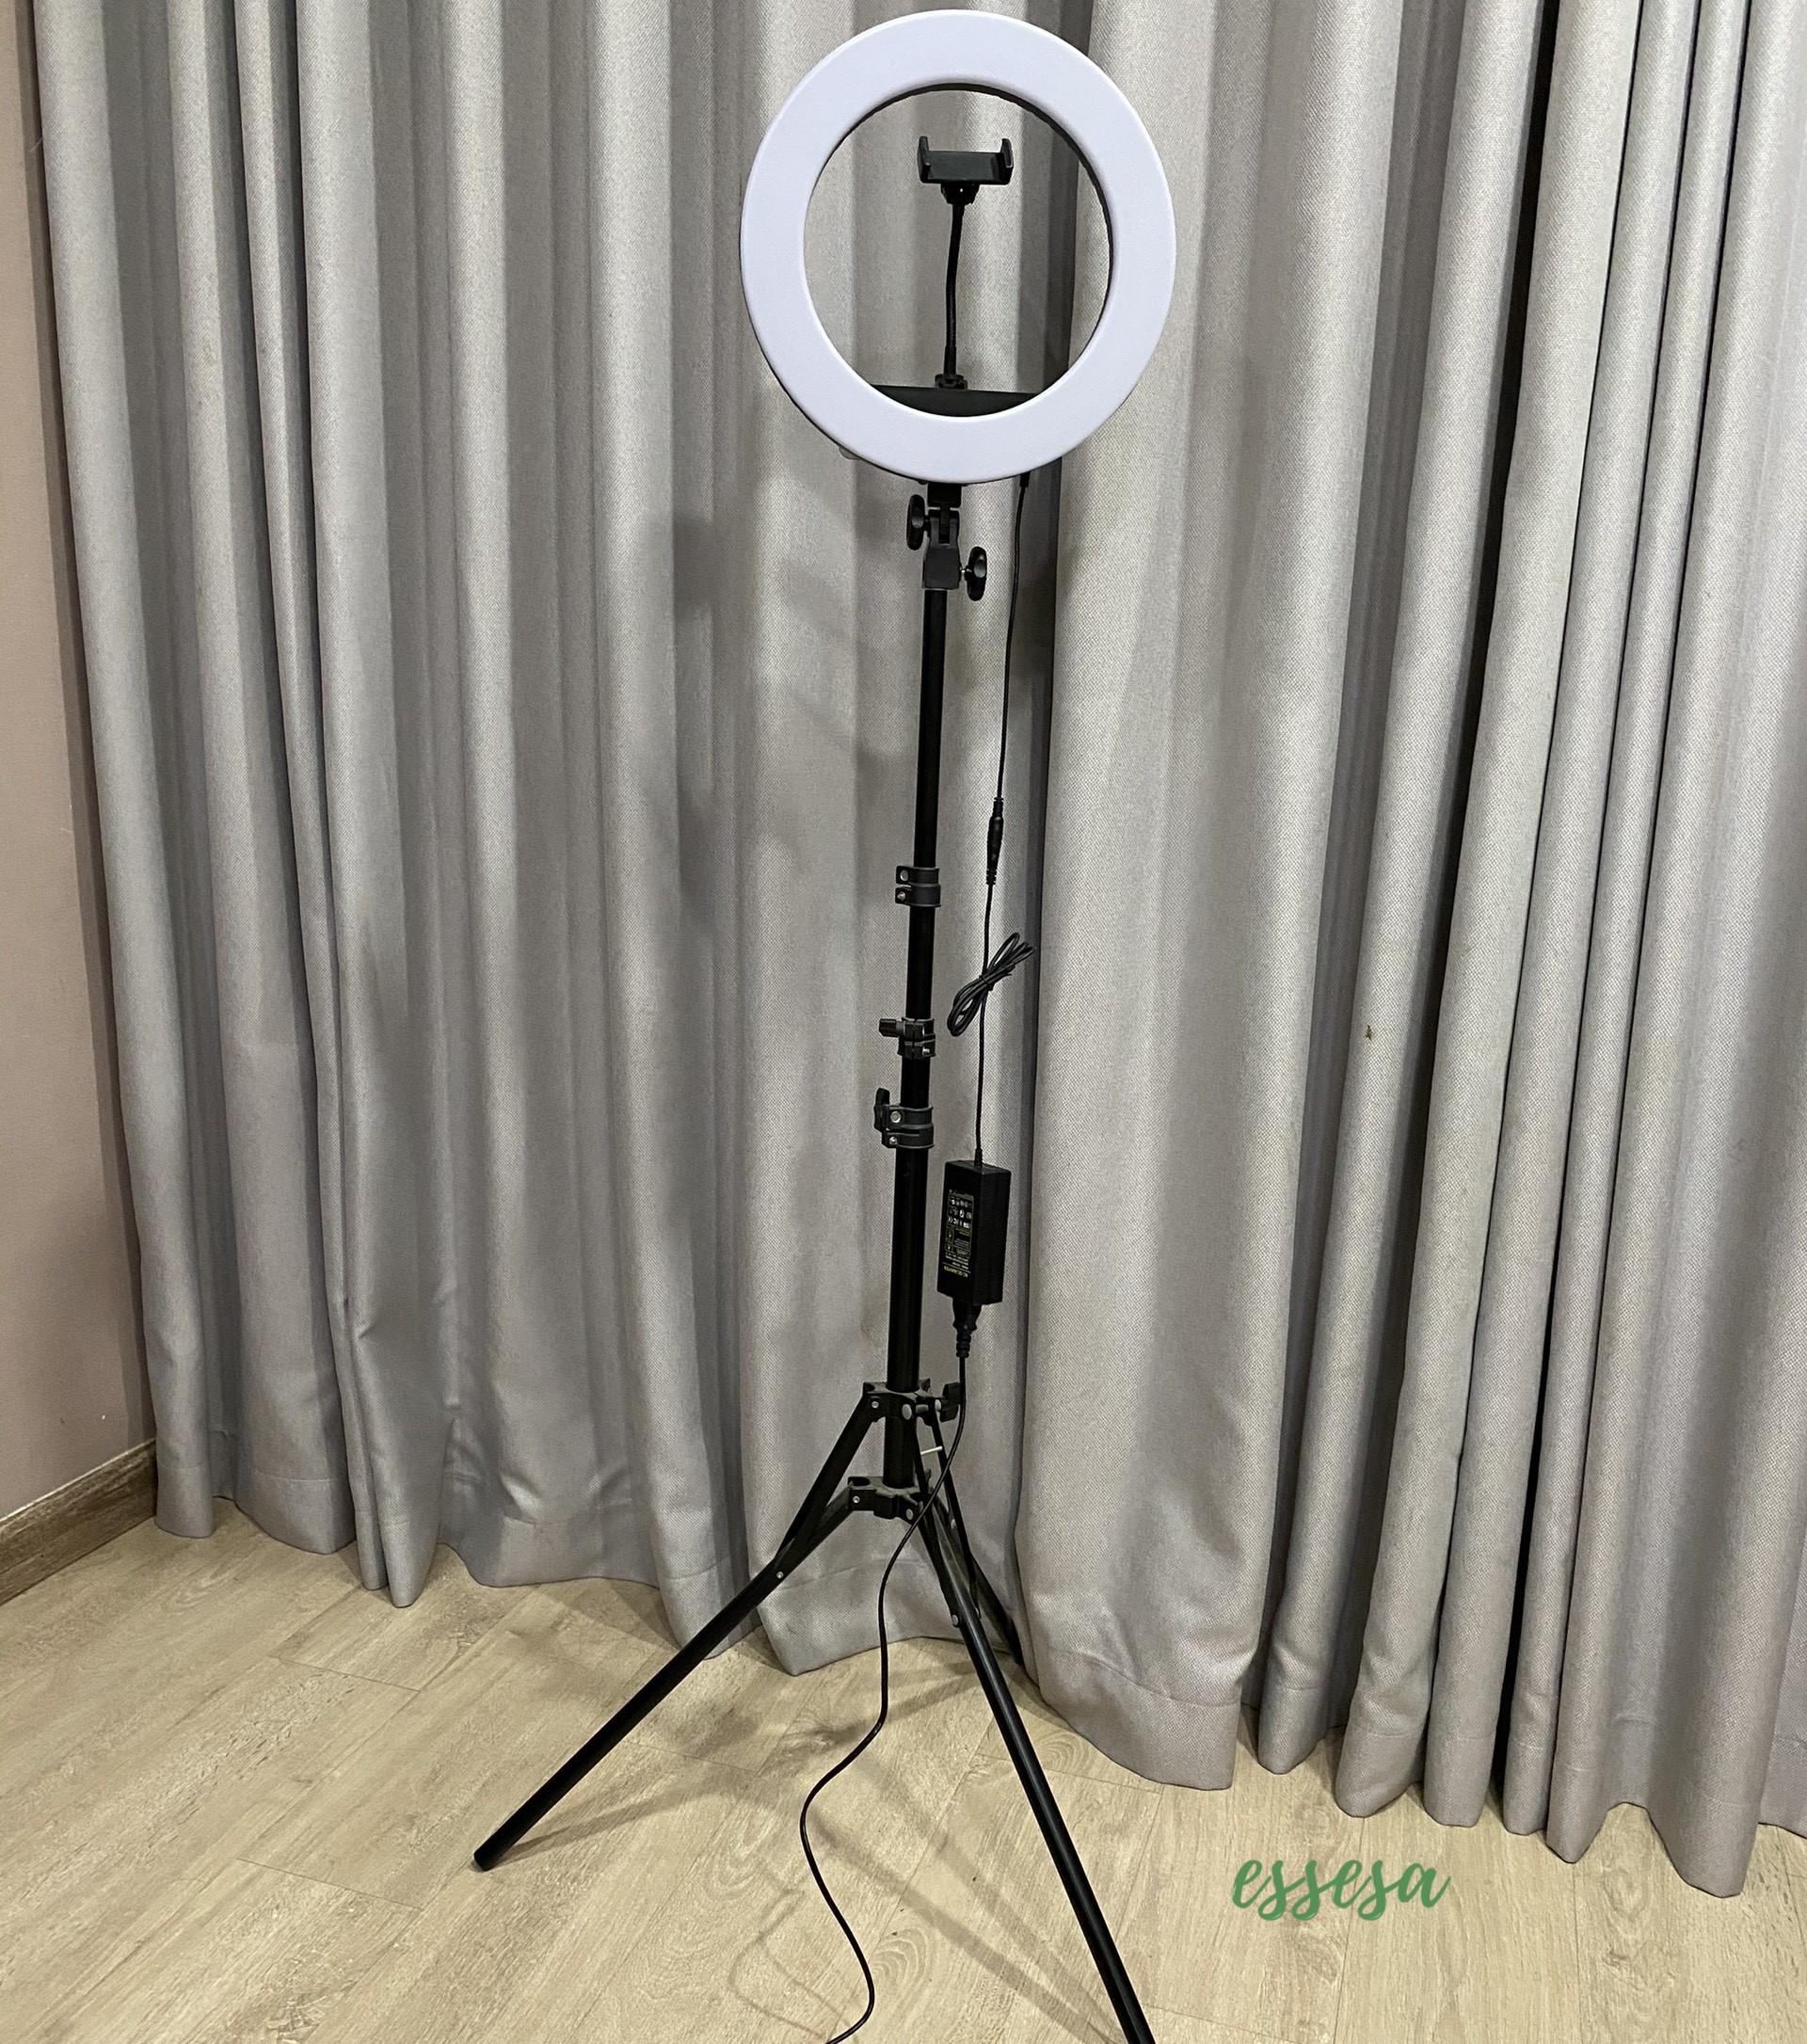 Đèn livestream/Đèn Led Trợ Sáng Essesa 36 CM Chiếu Sáng Studio, Makeup, Quay Phim , Chụp Ảnh, Livetream, Selfie Kèm Kẹp Điện Thoại Tùy Chỉnh - Hàng Chính Hãng